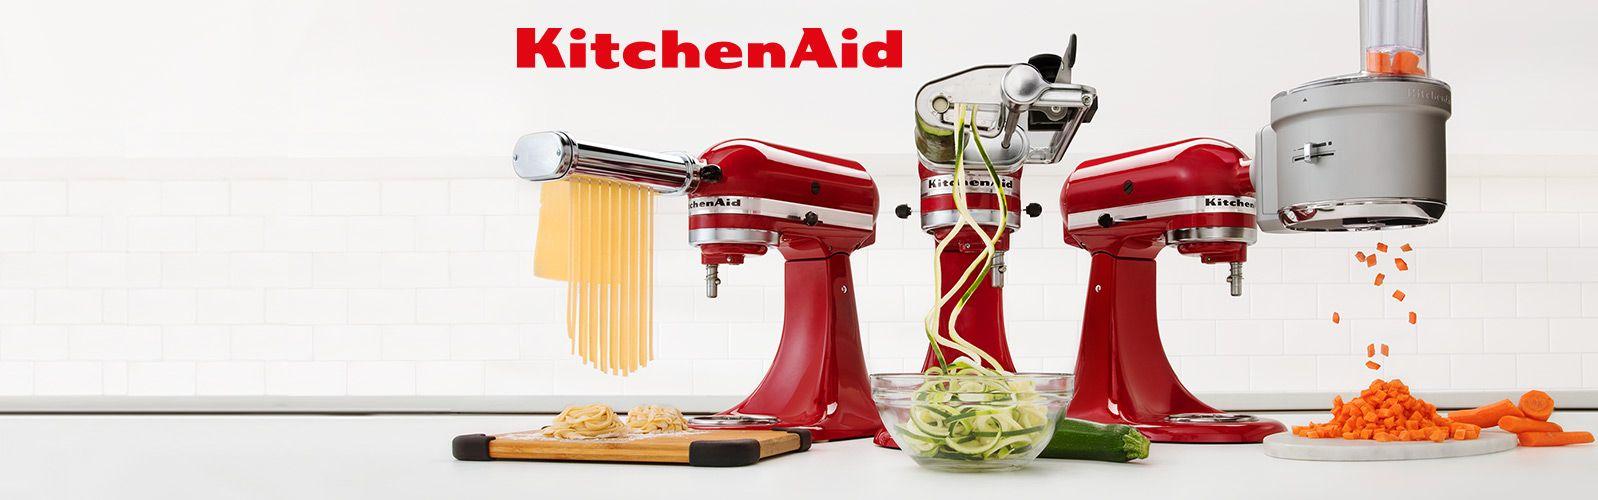 KITCHENAID® Küchenmaschinen & mehr